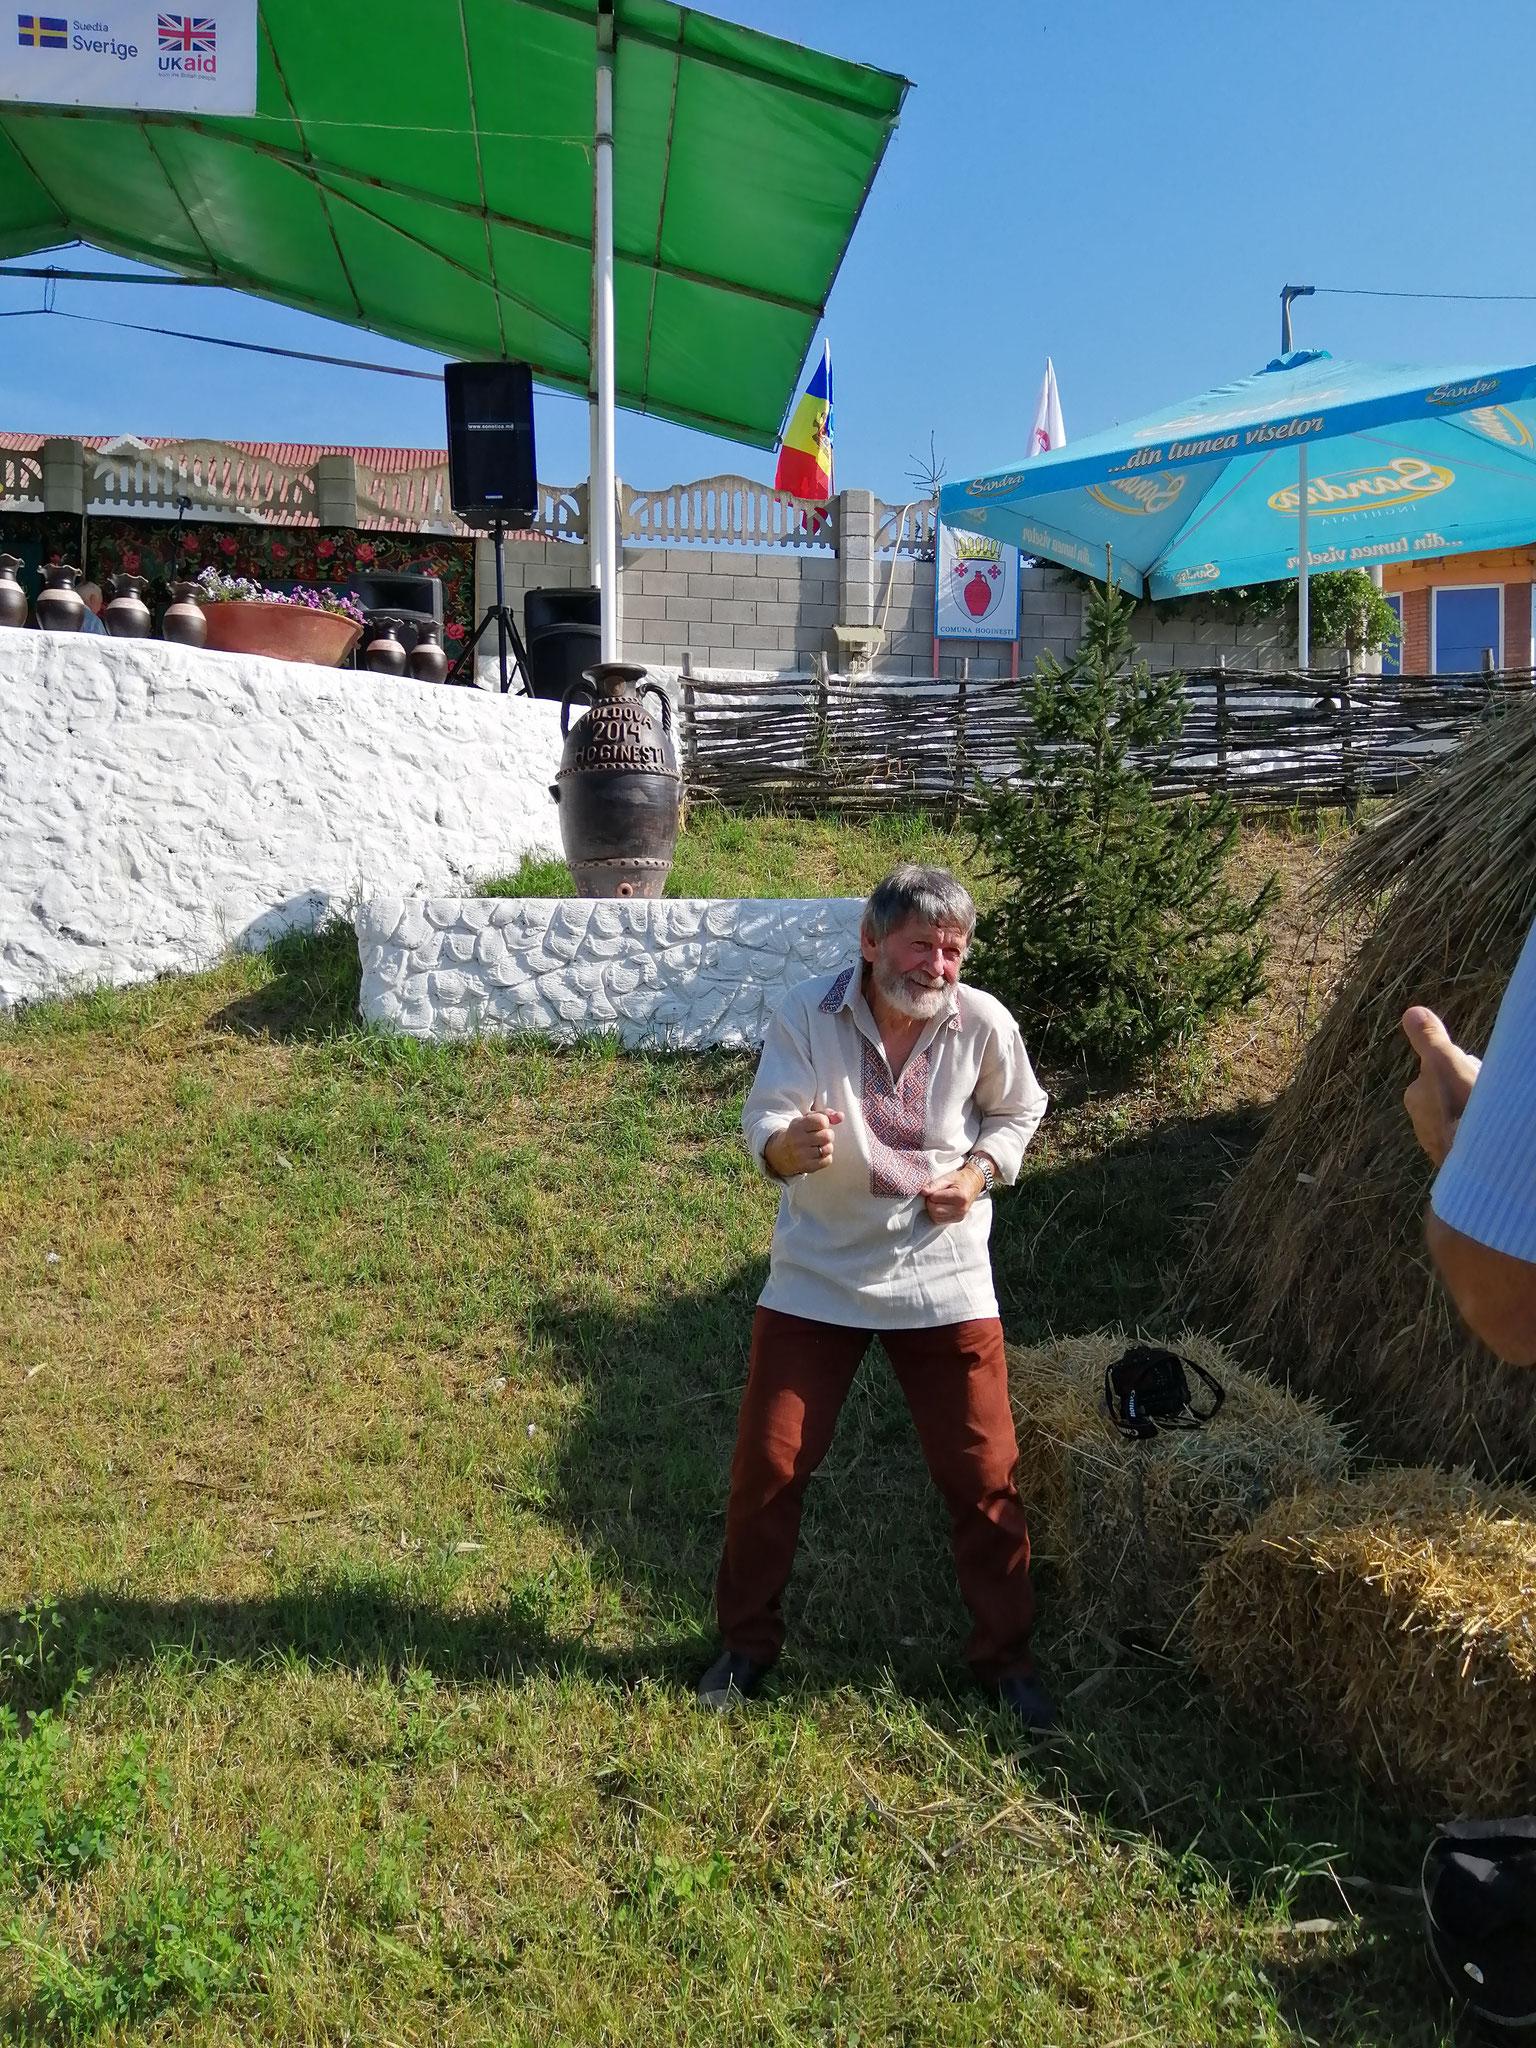 Hoginesti, Moldova festivale di ceramica